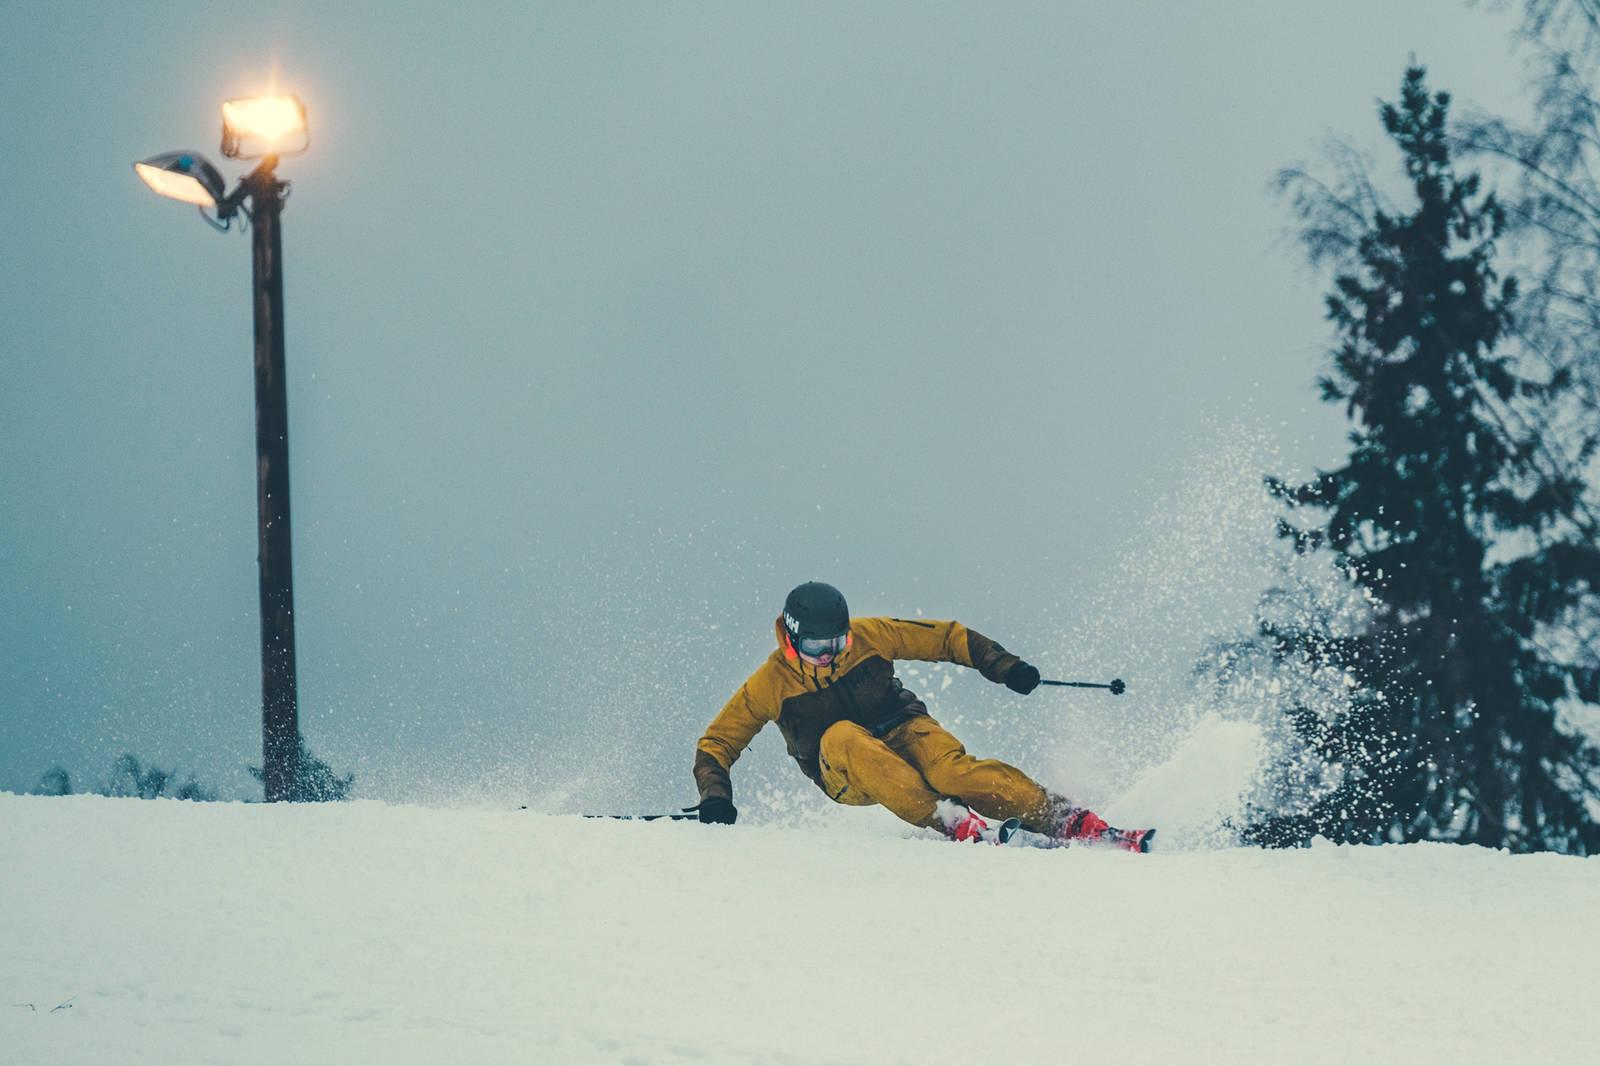 Øystein gjør mye riktig, men det er fortsatt mye potensiale å hente i både ski og utøver. Bilde: Bård Gundersen